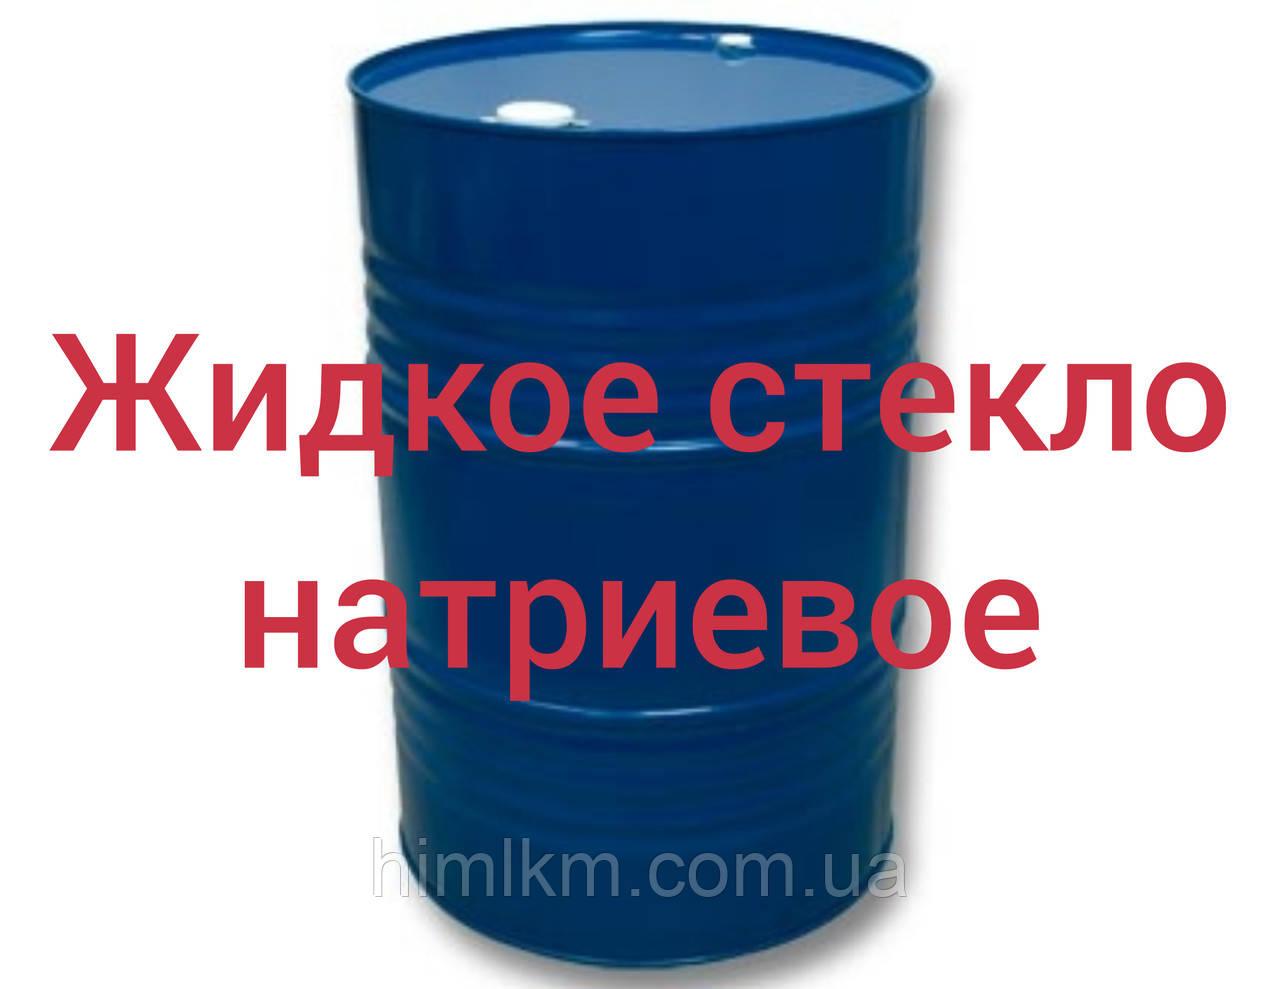 Стекло жидкое натриевое ГОСТ 13078-81 (фасовка 300кг)